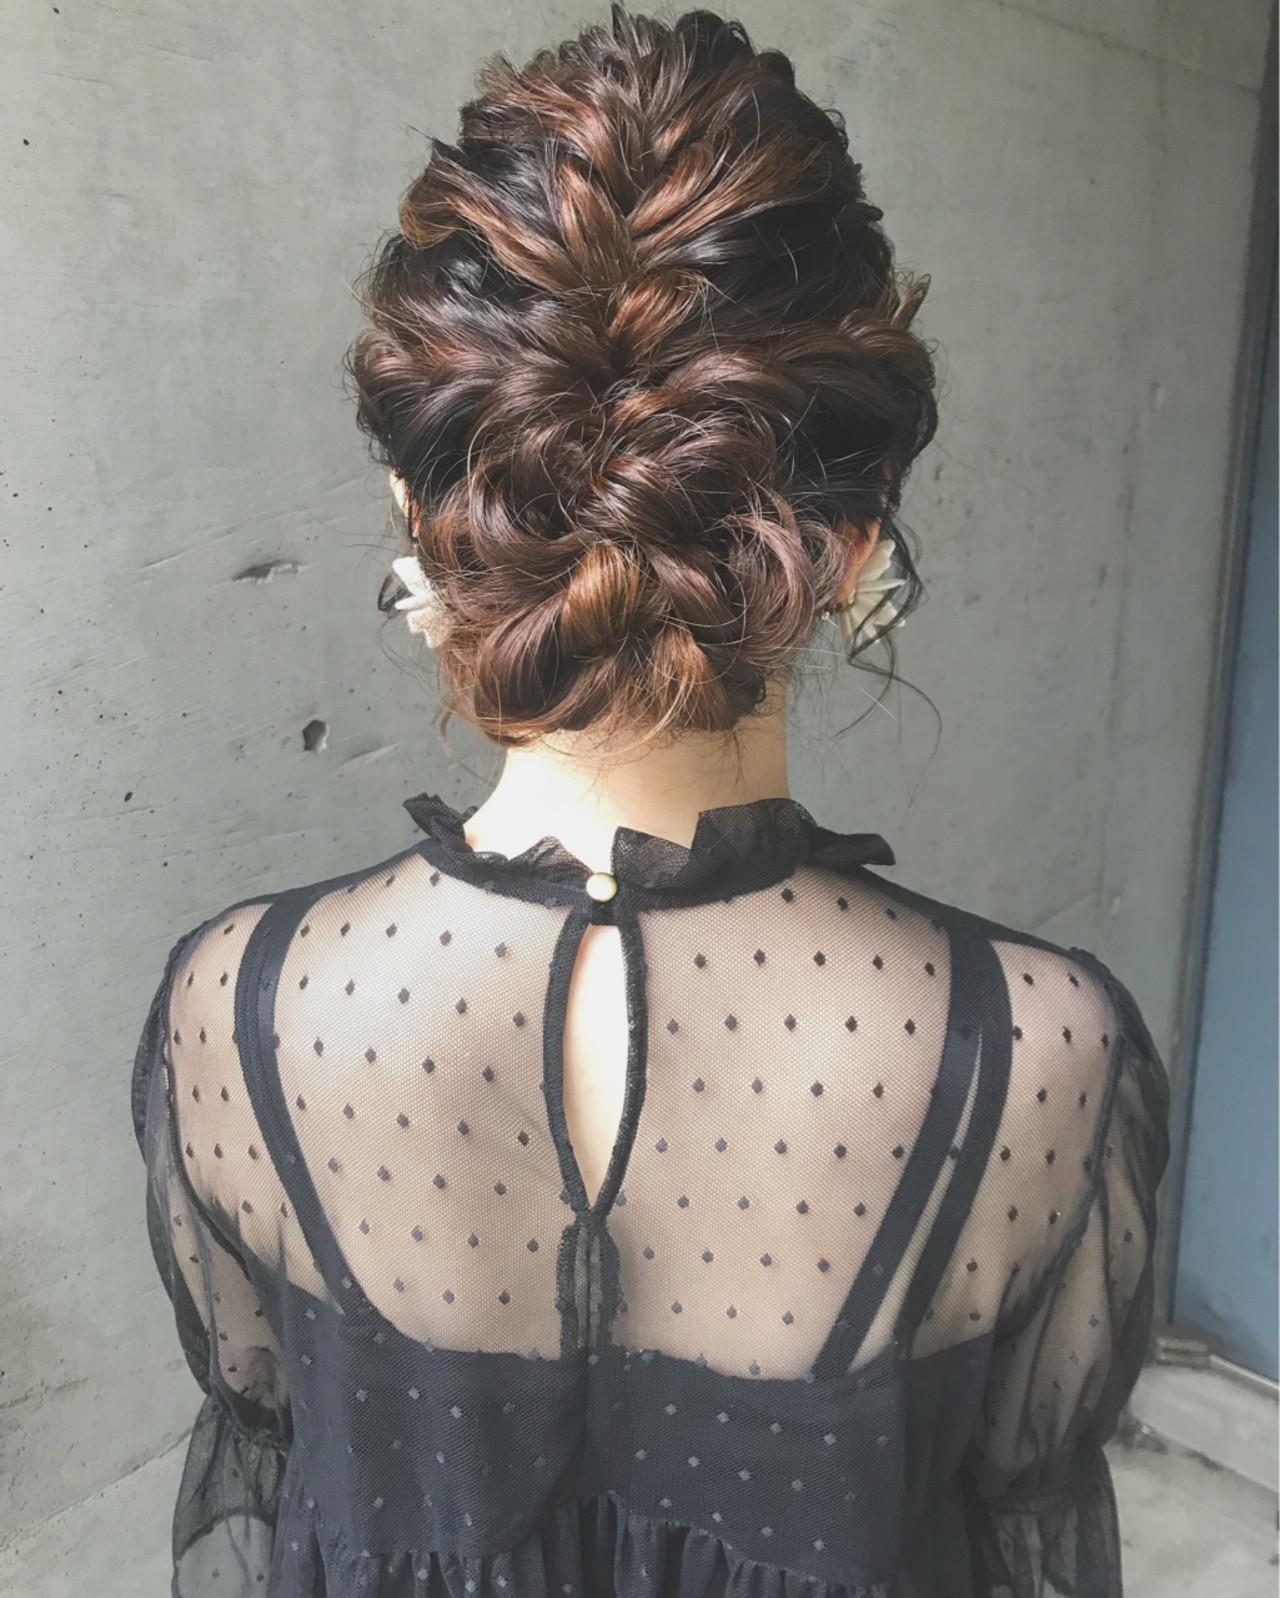 結婚式 ボブ フェミニン アップスタイル ヘアスタイルや髪型の写真・画像